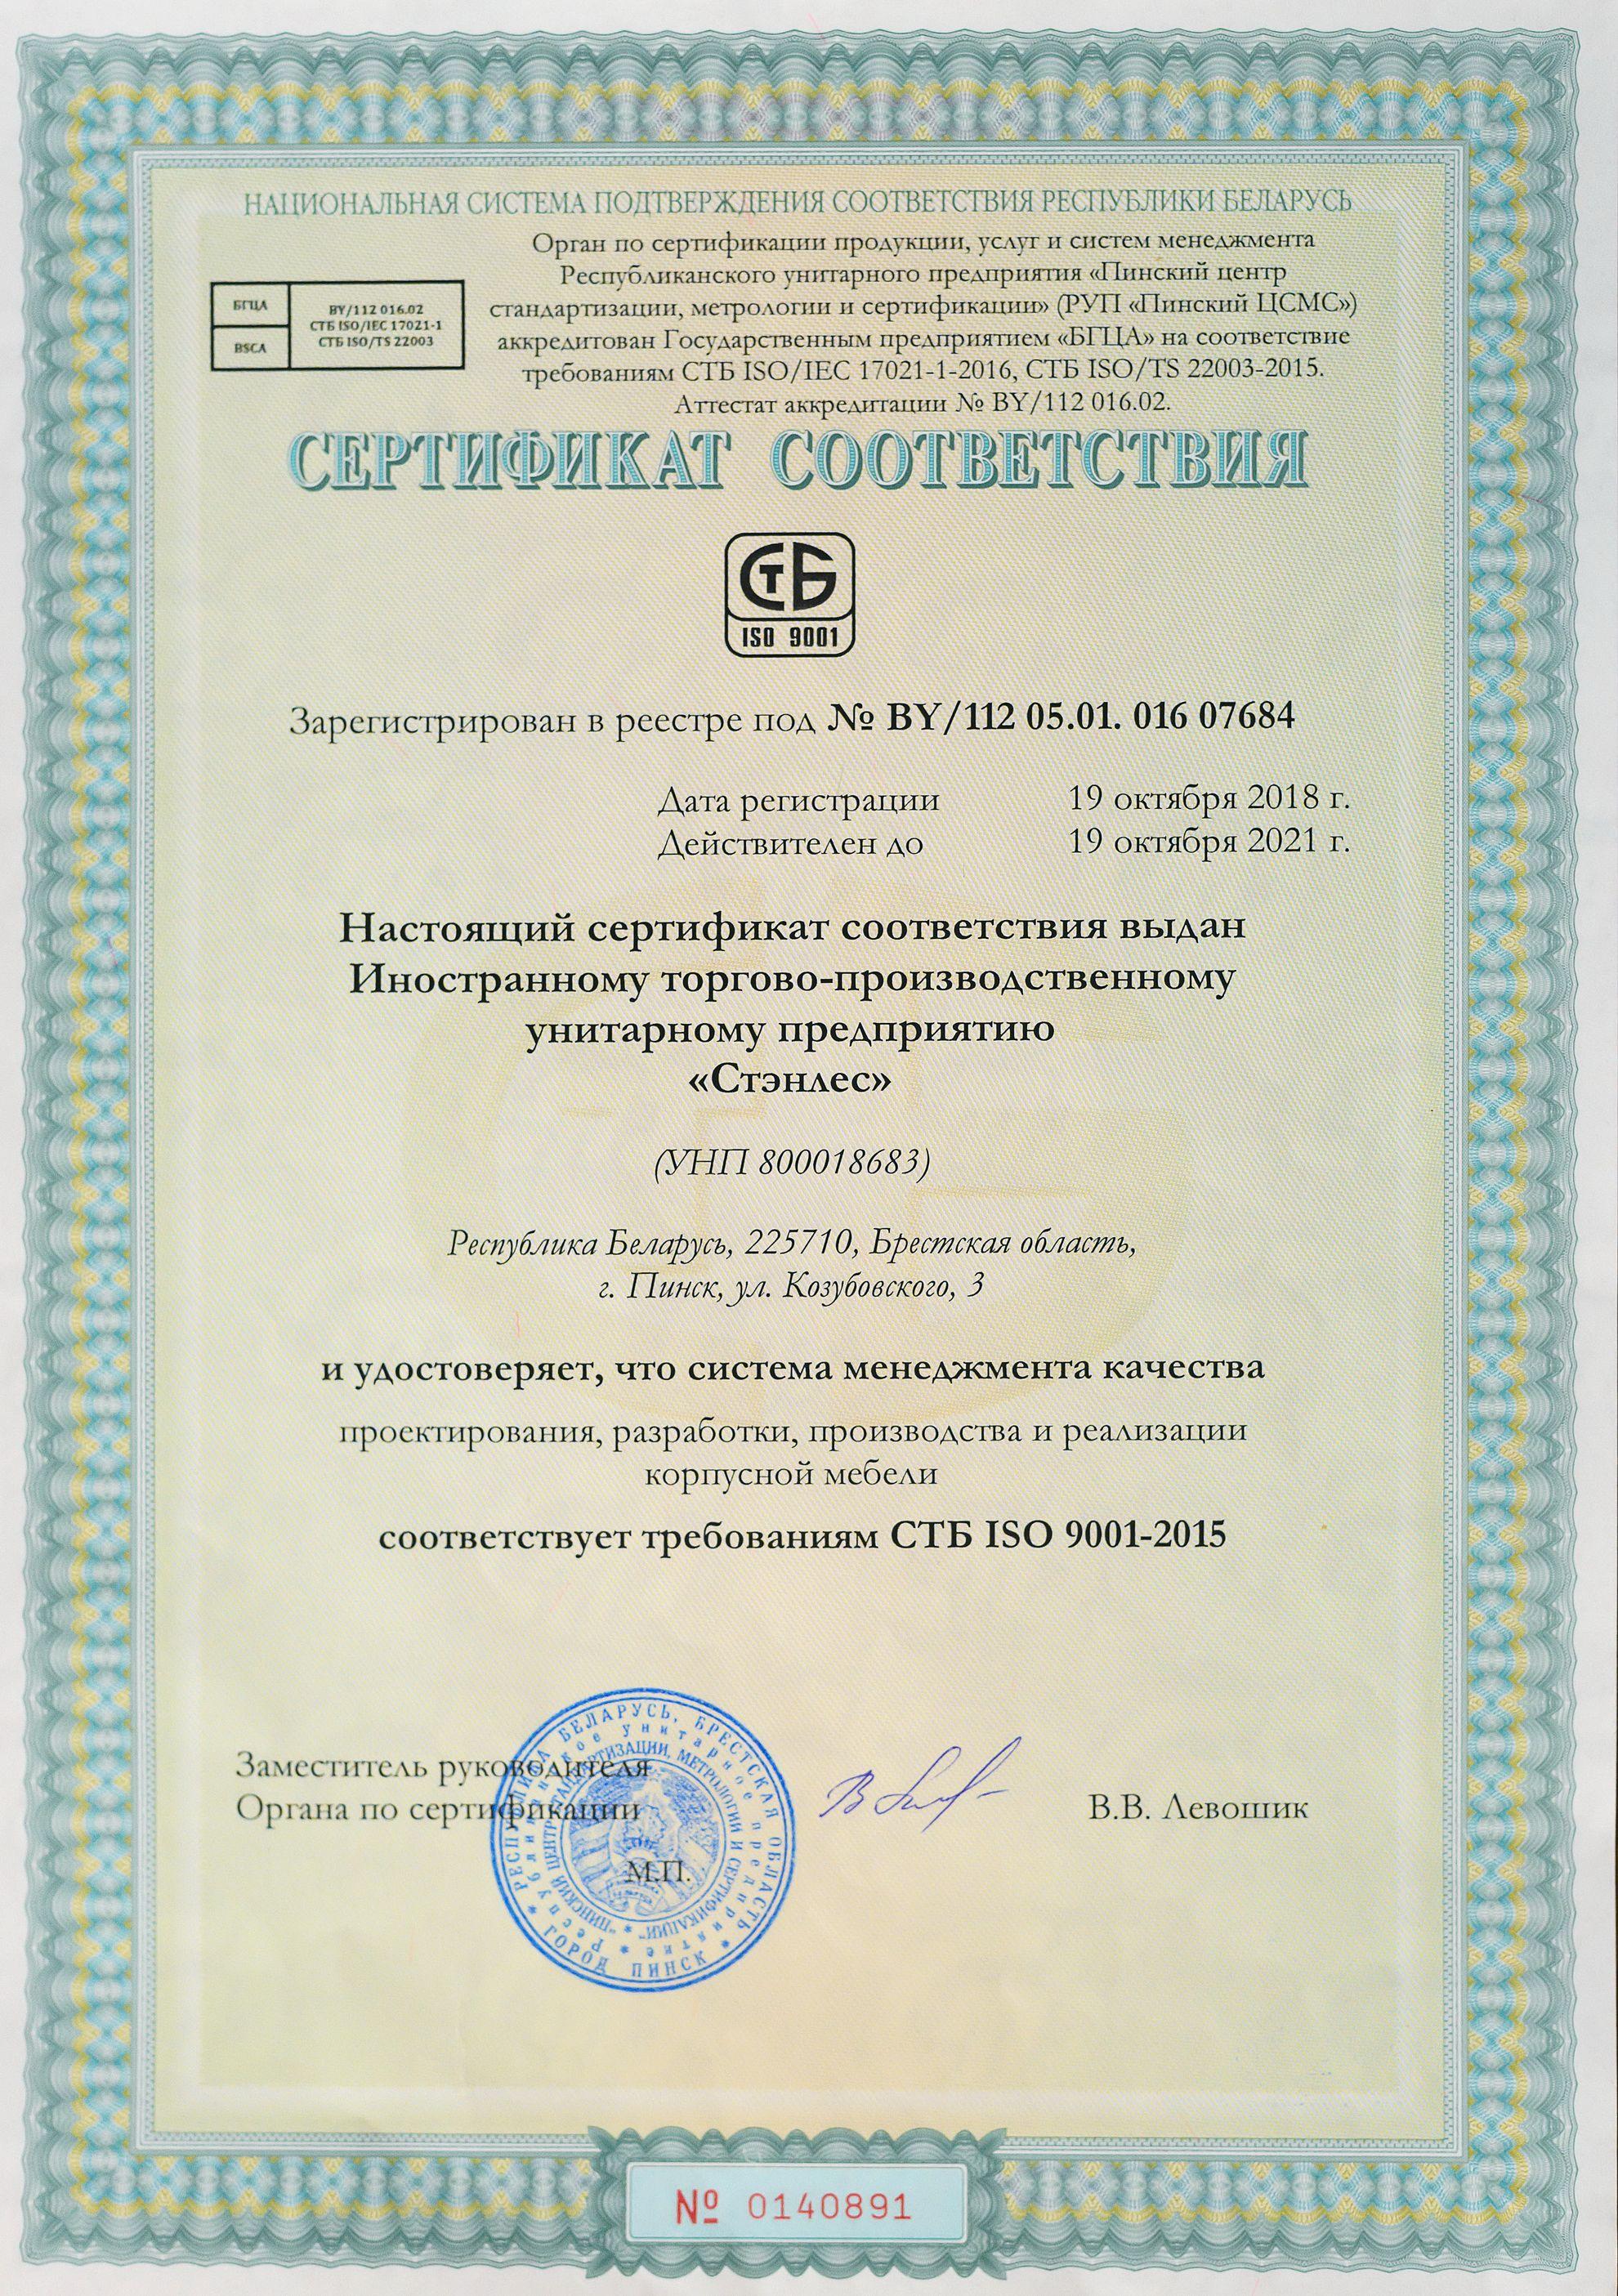 """ИУП """"Стэнлес"""" получило сертификат соответствия требованиям СТБ ISO 9001-2015"""